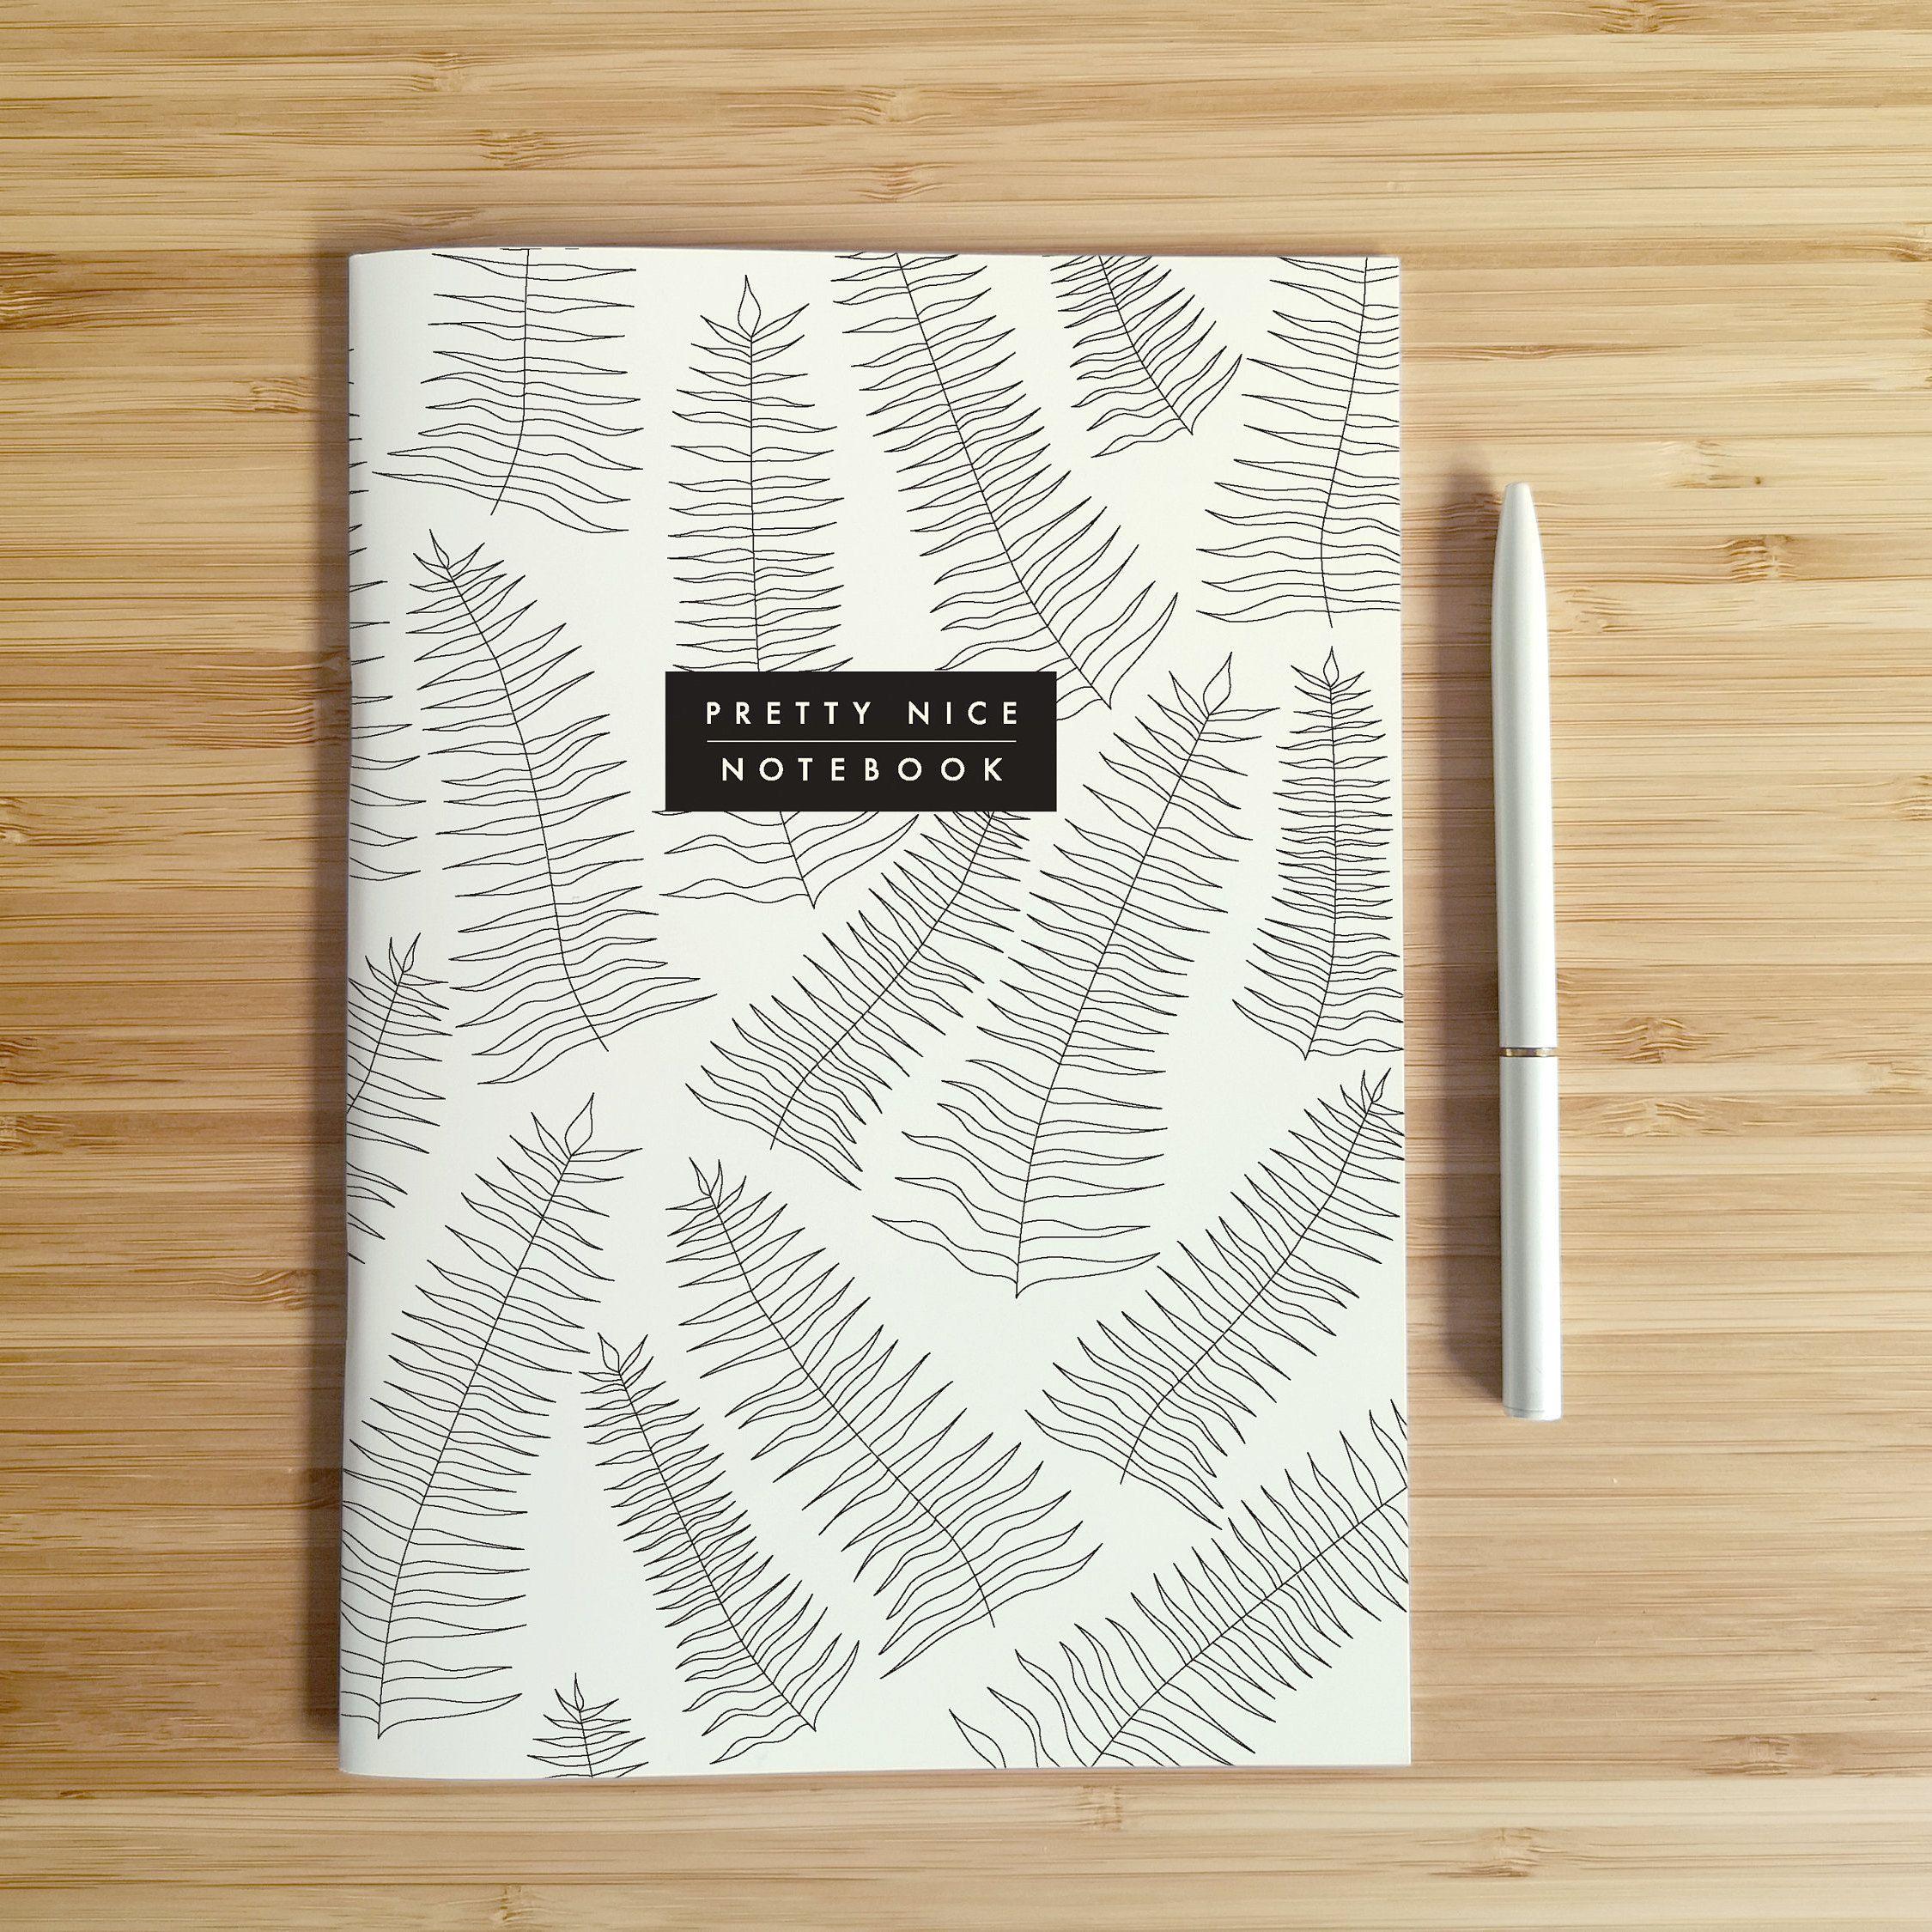 Notebook A5 Leaves Notizbuch A5 Blatter Etsy Notebook Cover Design Diy Notebook Cover Cover Design Inspiration